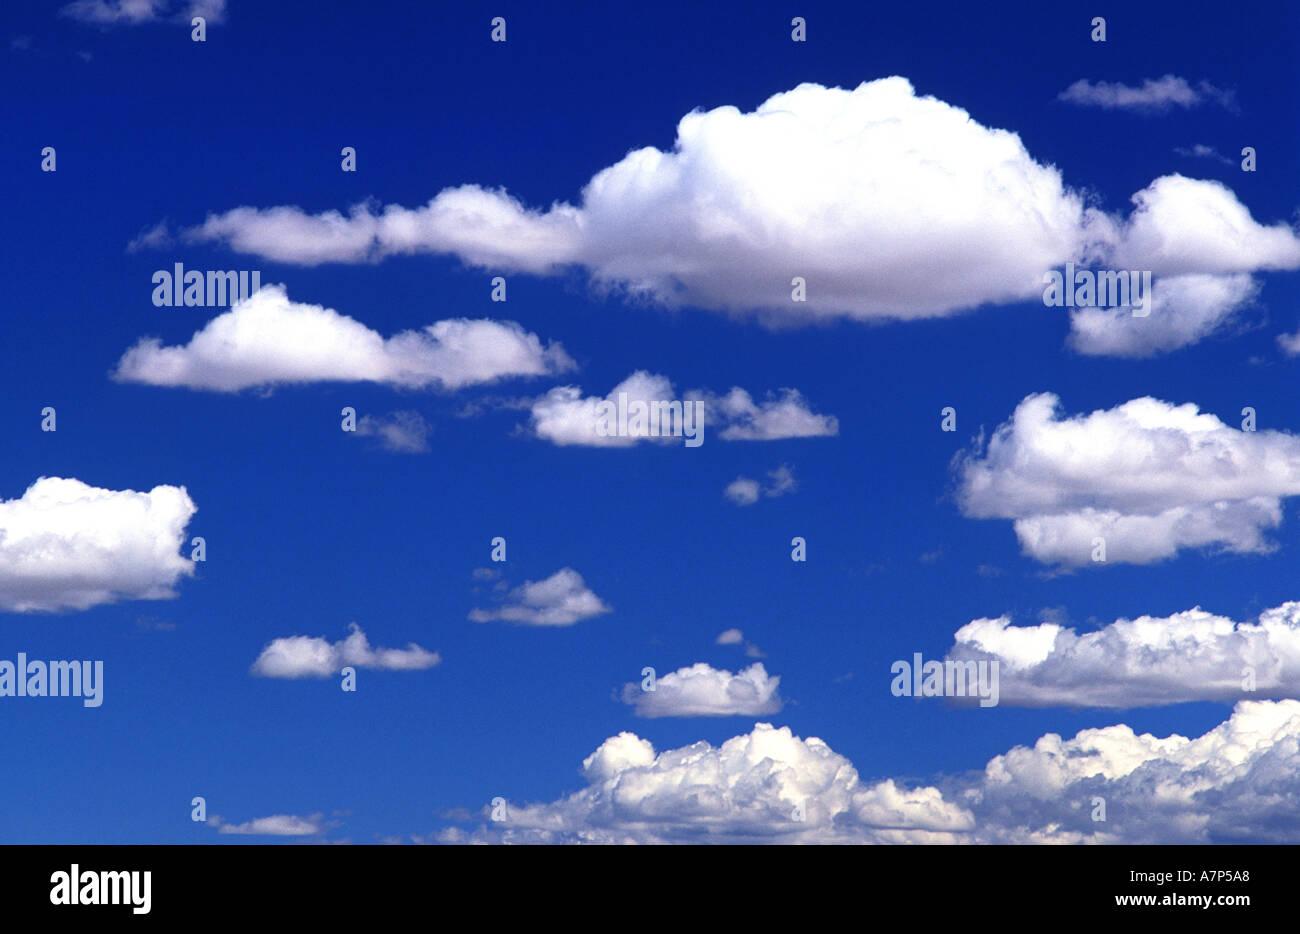 De nuages dans un ciel bleu Photo Stock